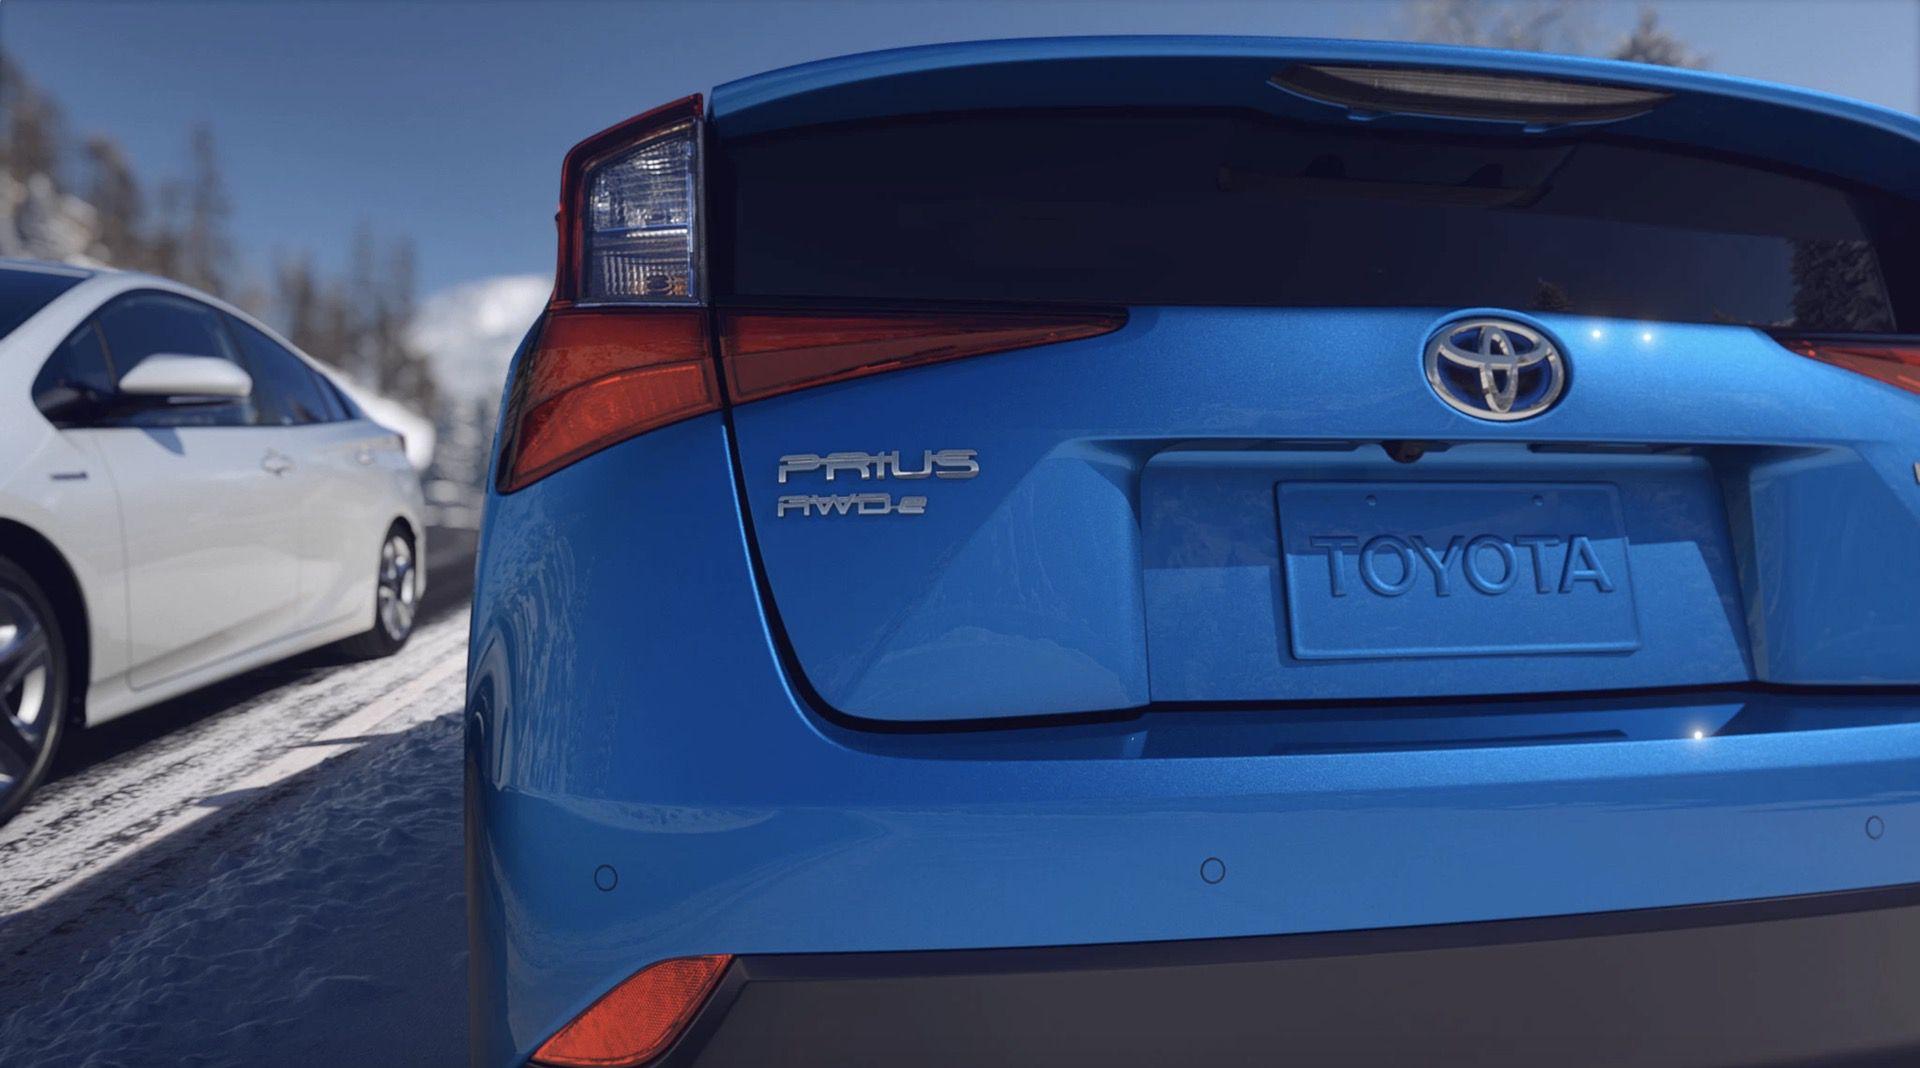 2019_Toyota_Prius_facelift0009